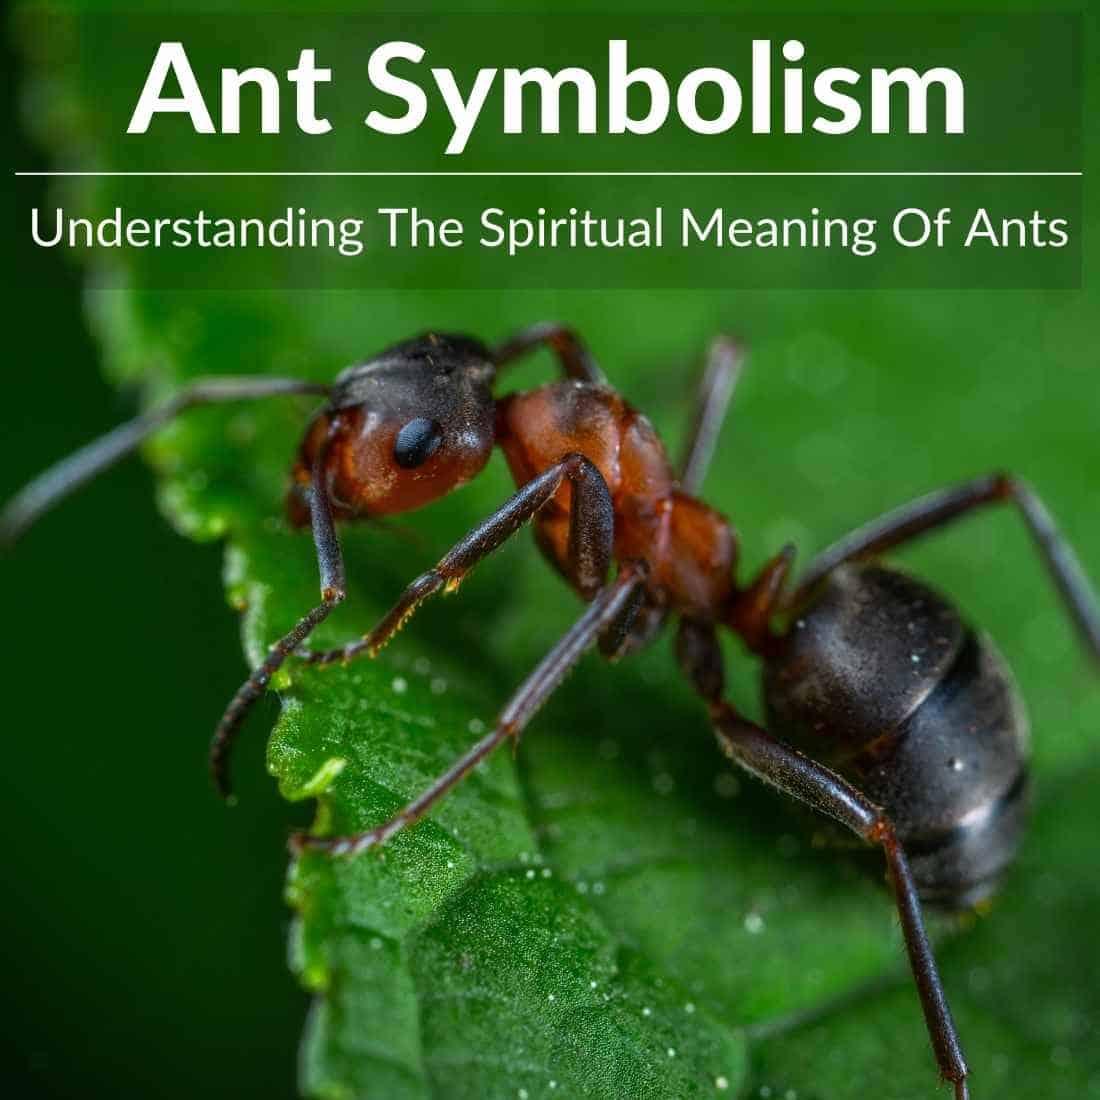 ant symbolism